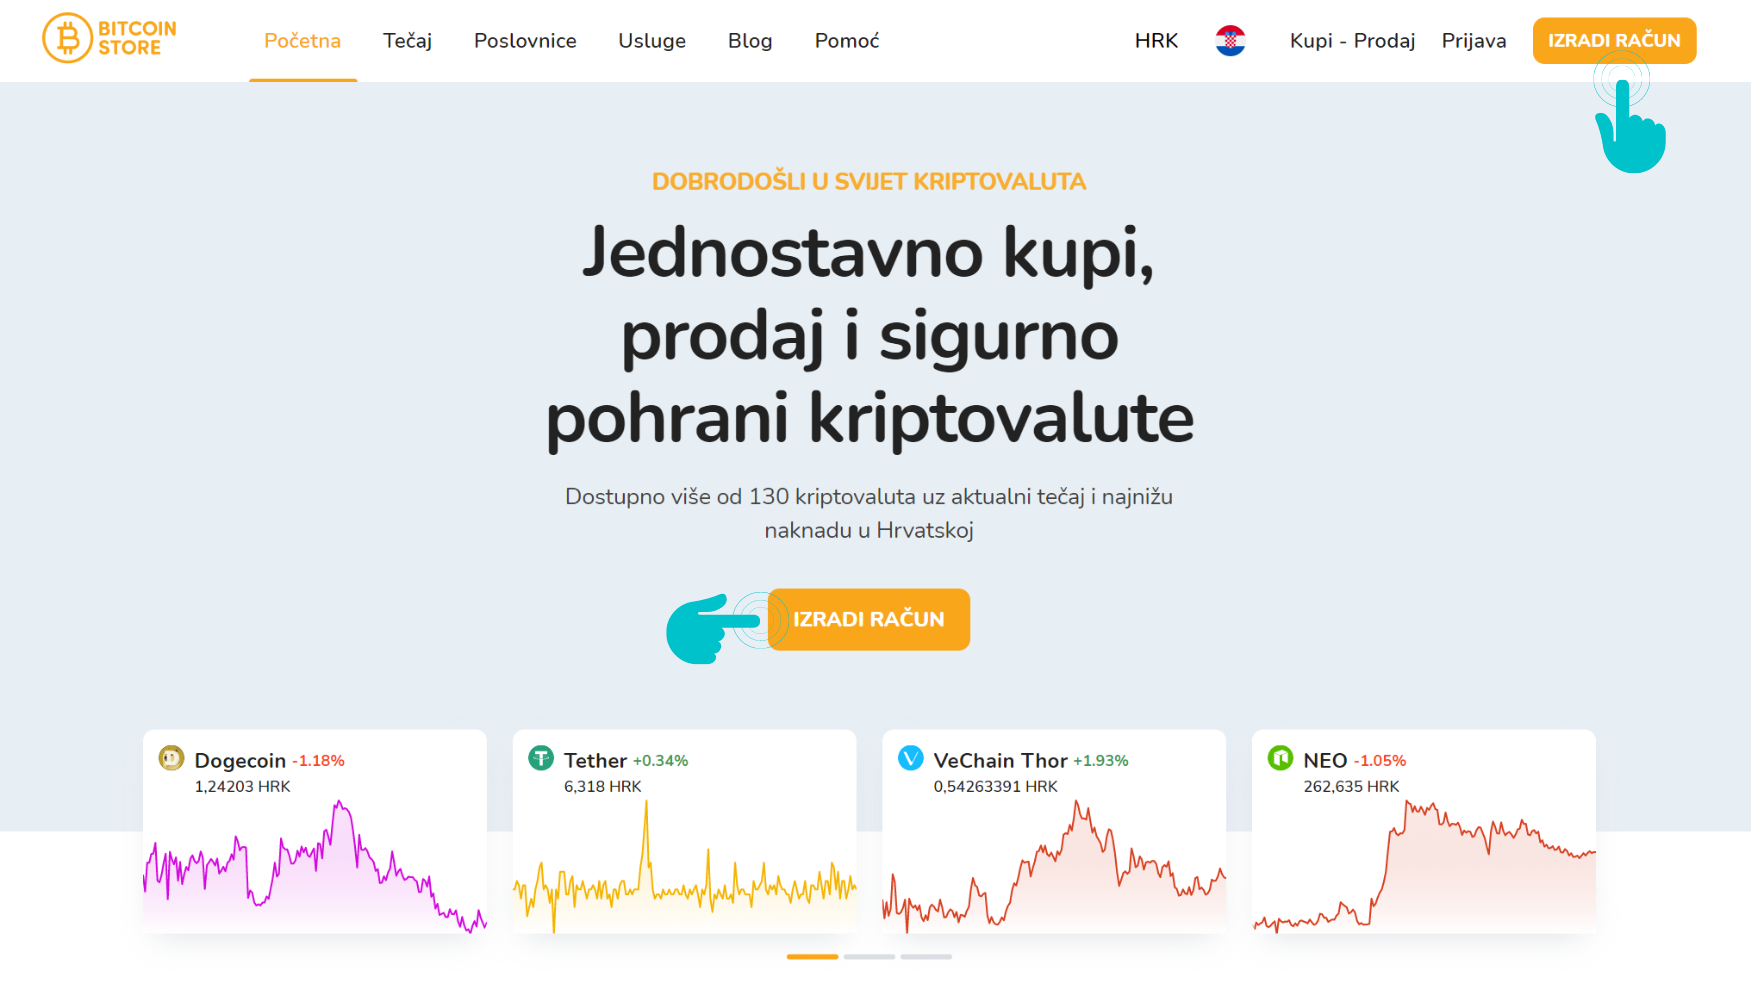 Snimak početnog zaslona Bitcoin Store web stranice.